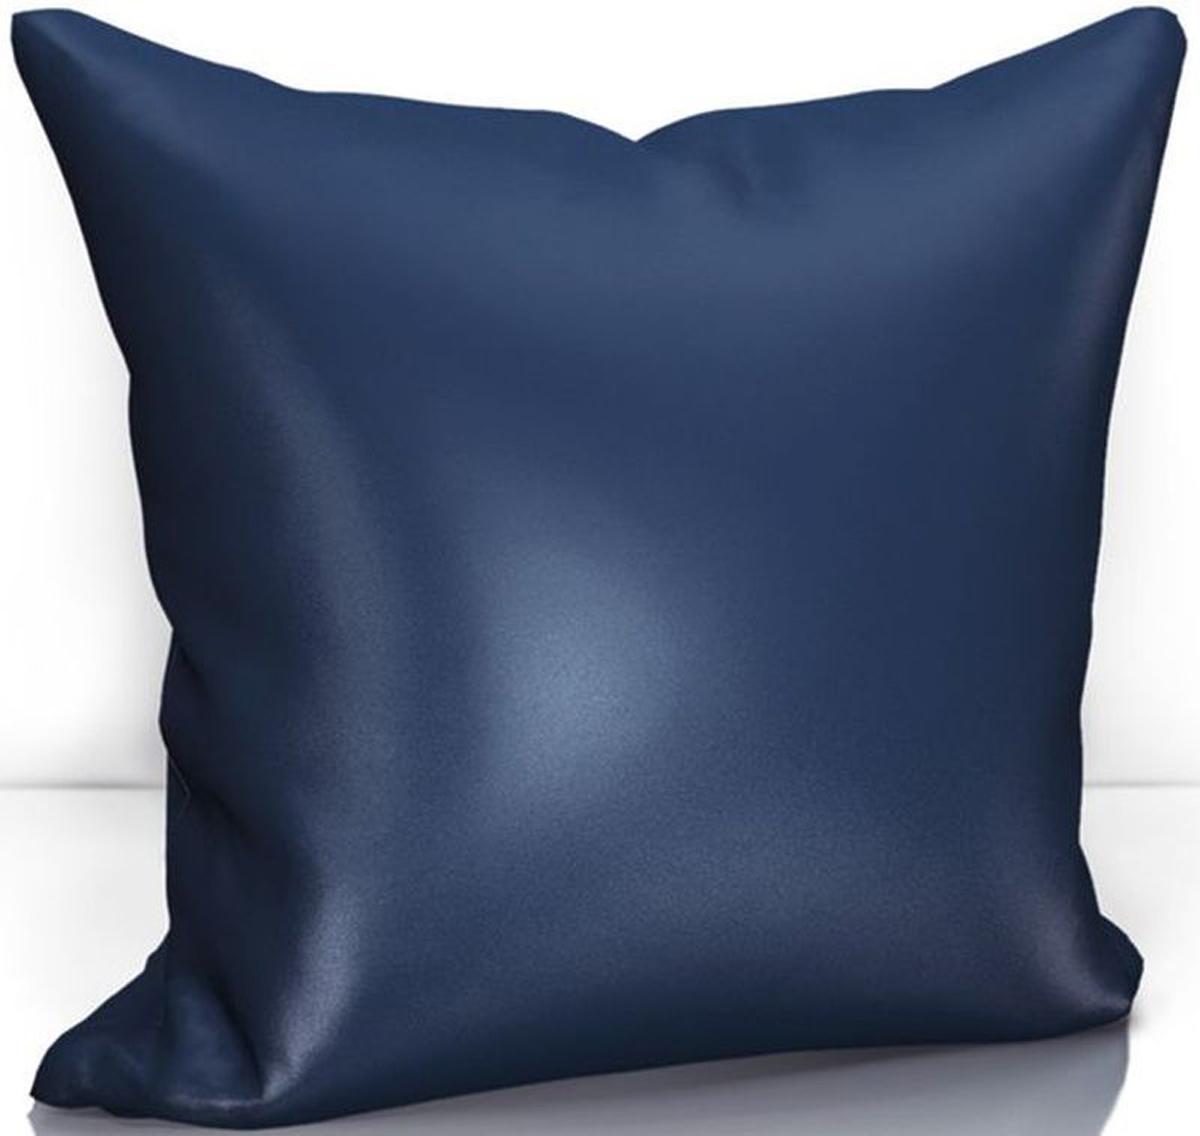 Подушка декоративная KauffOrt Эвелина, цвет: синий, 40 х 40 см3122301646Декоративная подушка KauffOrt  прекрасно дополнит интерьер спальни или гостиной. Чехолподушки выполнен из сатена (100% полиэстер). Внутри находится мягкий наполнитель.Чехол легко снимаетсяблагодаря потайной молнии.